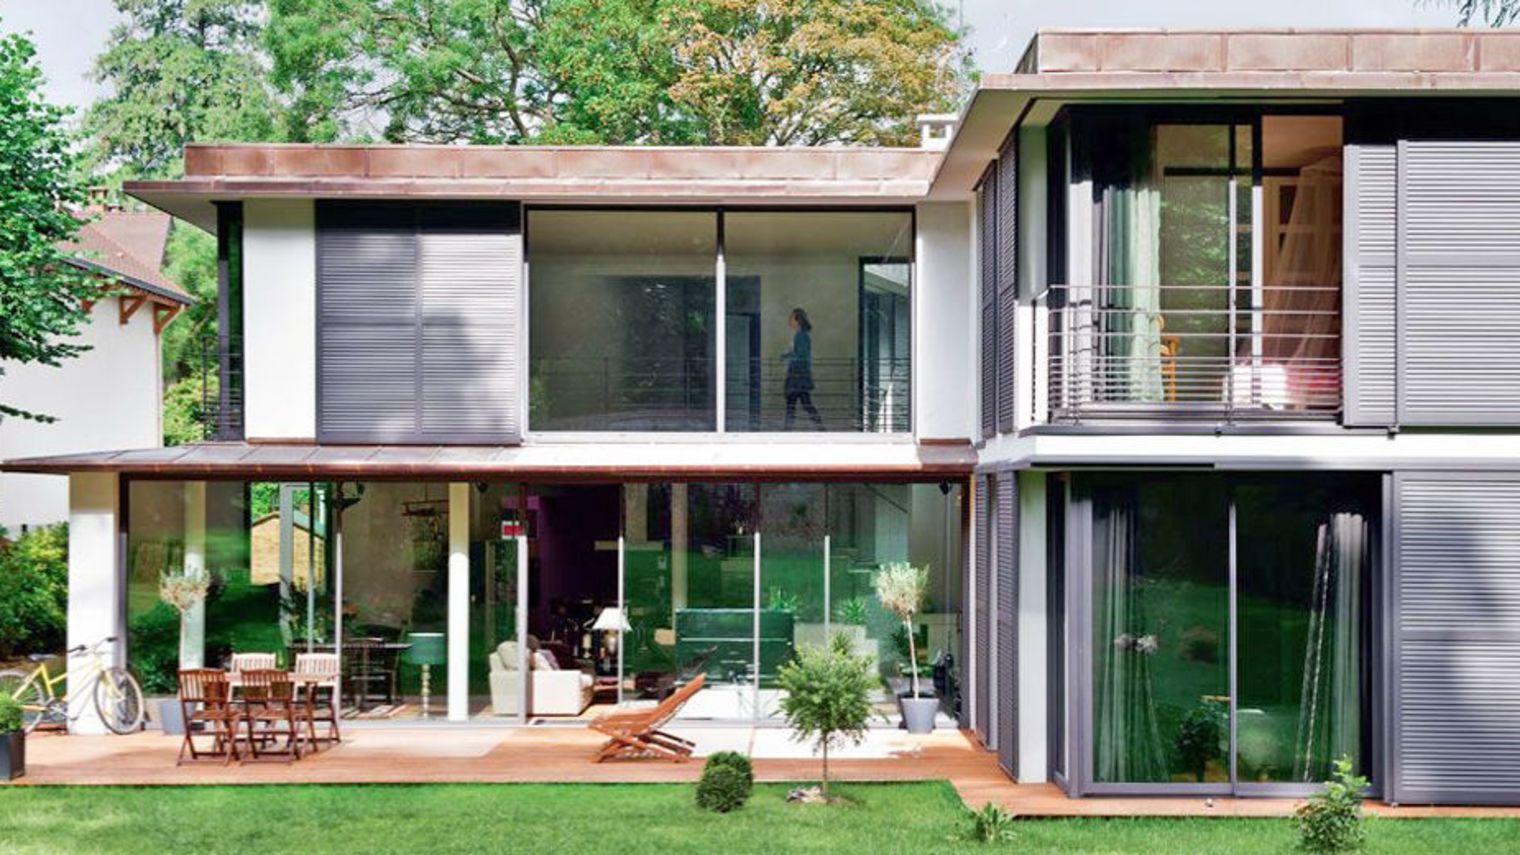 Reglementation Thermique L Essentiel De La Rt 2012 En 10 Questions Cote Maison Sliding Shutters Contemporary Farmhouse New Homes